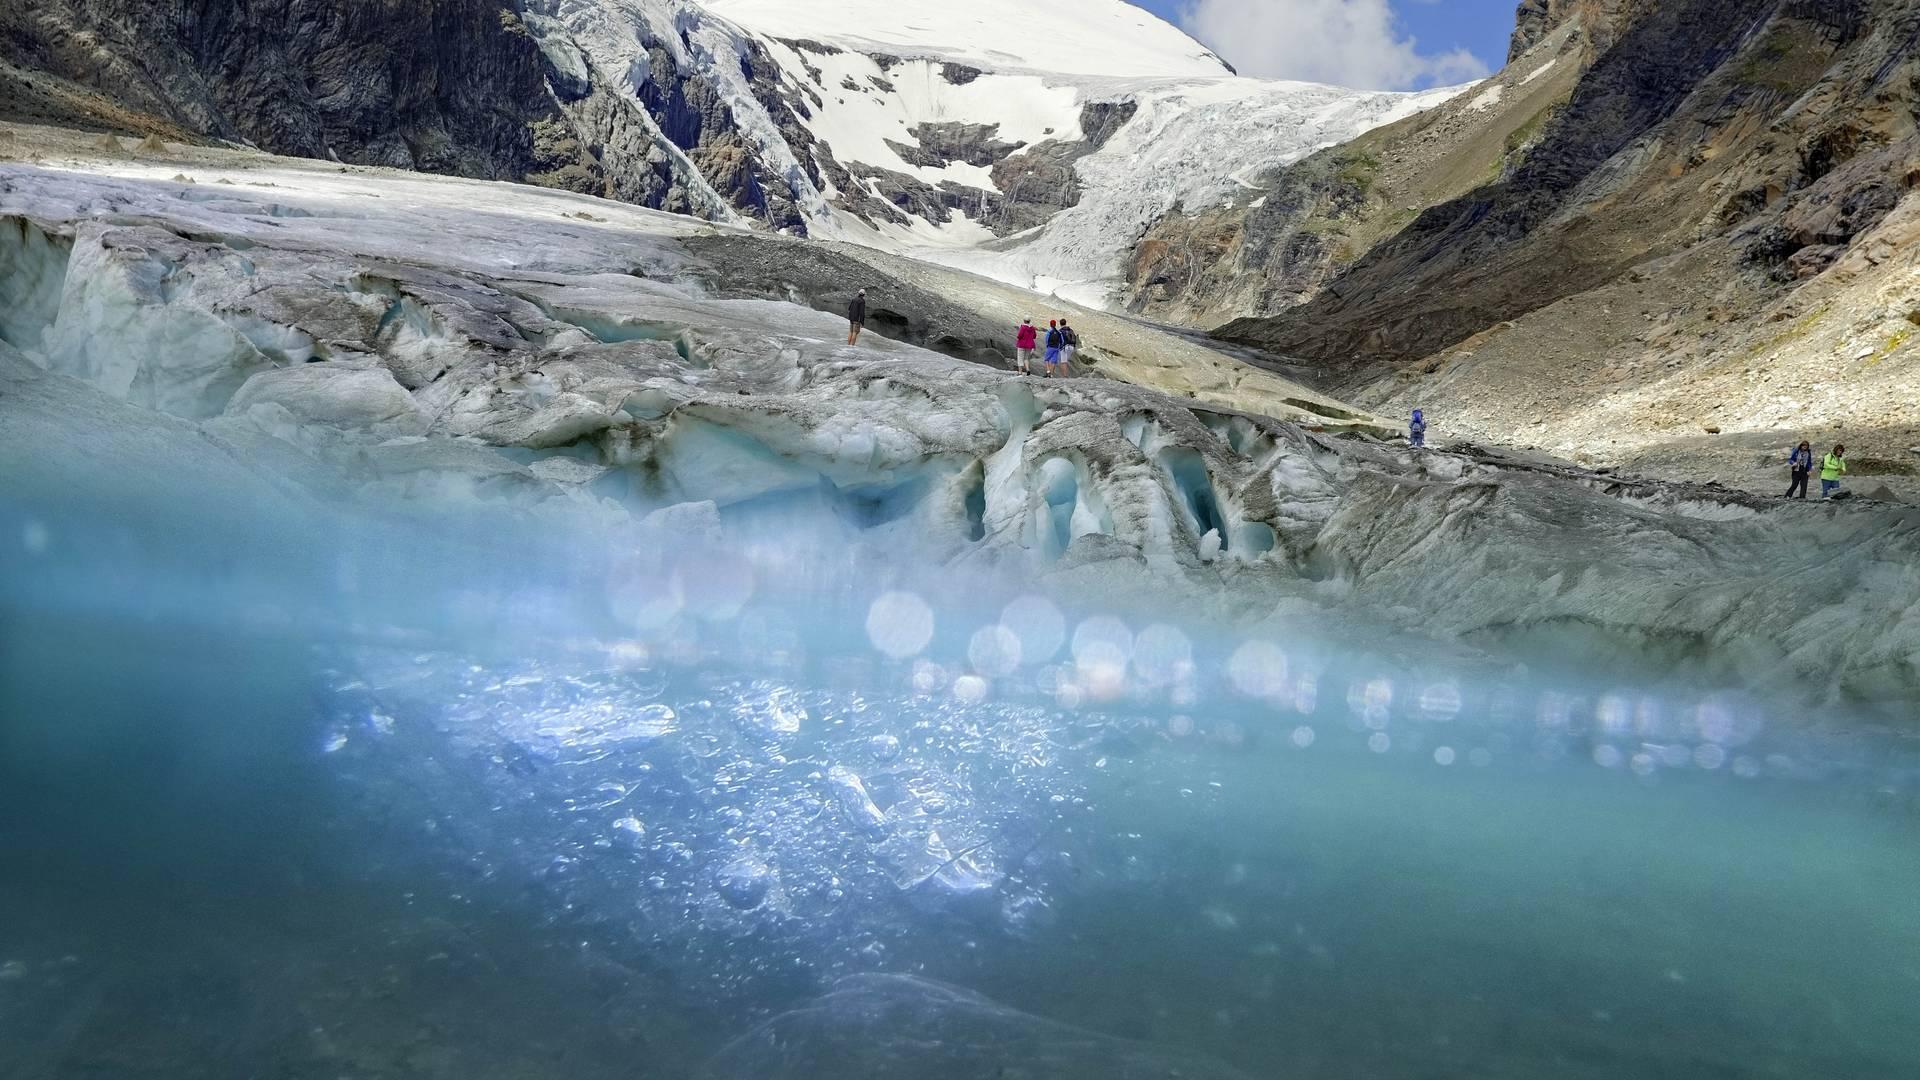 Alpe-Adria-Trail Pasterzegletscher